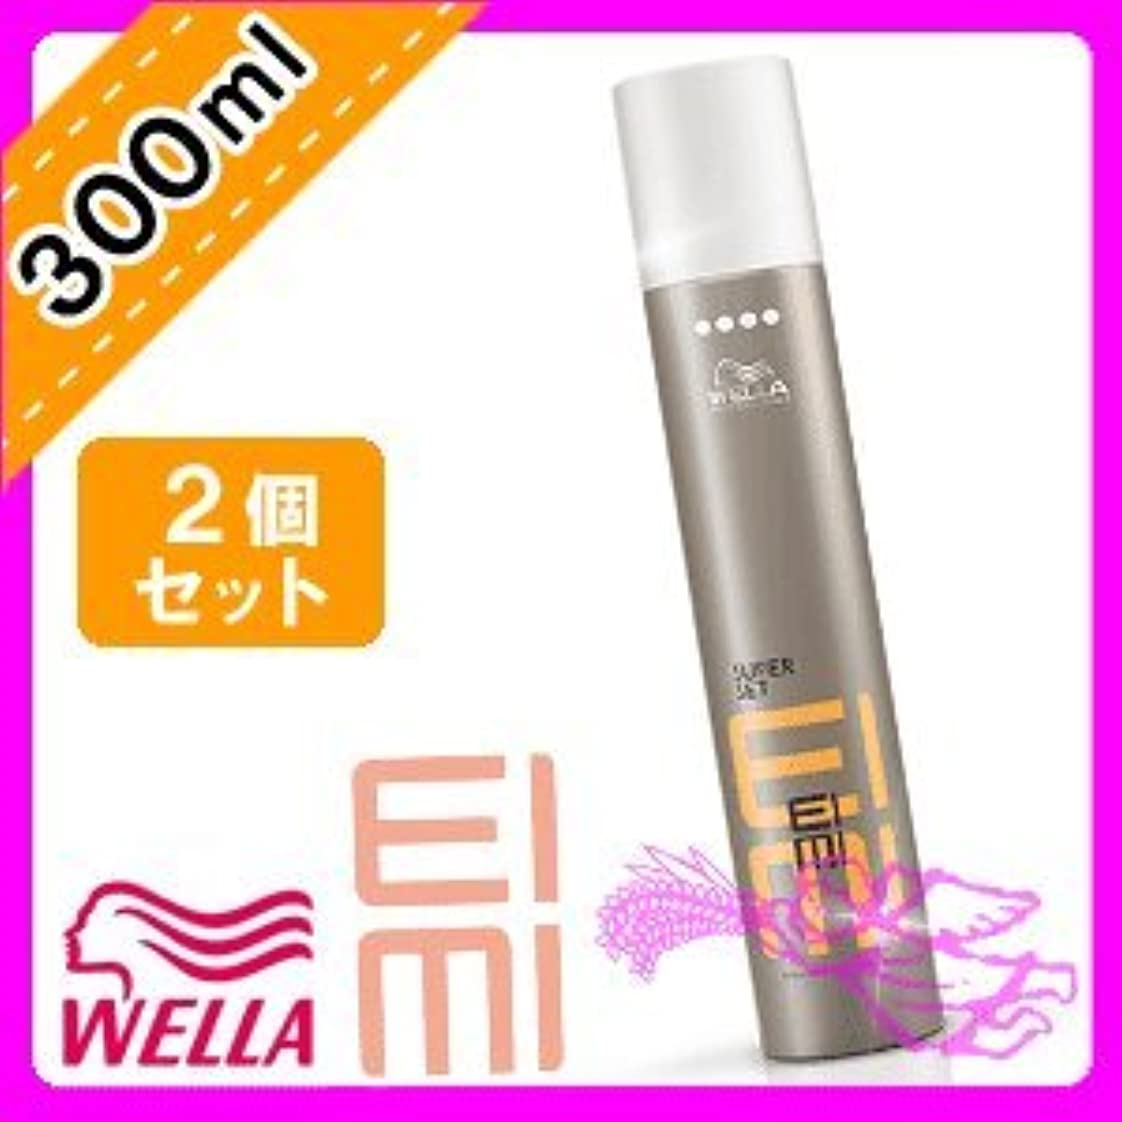 カウントブルーベル砂ウエラ EIMI(アイミィ) スーパーセットスプレー 300ml ×2個 セット WELLA P&G